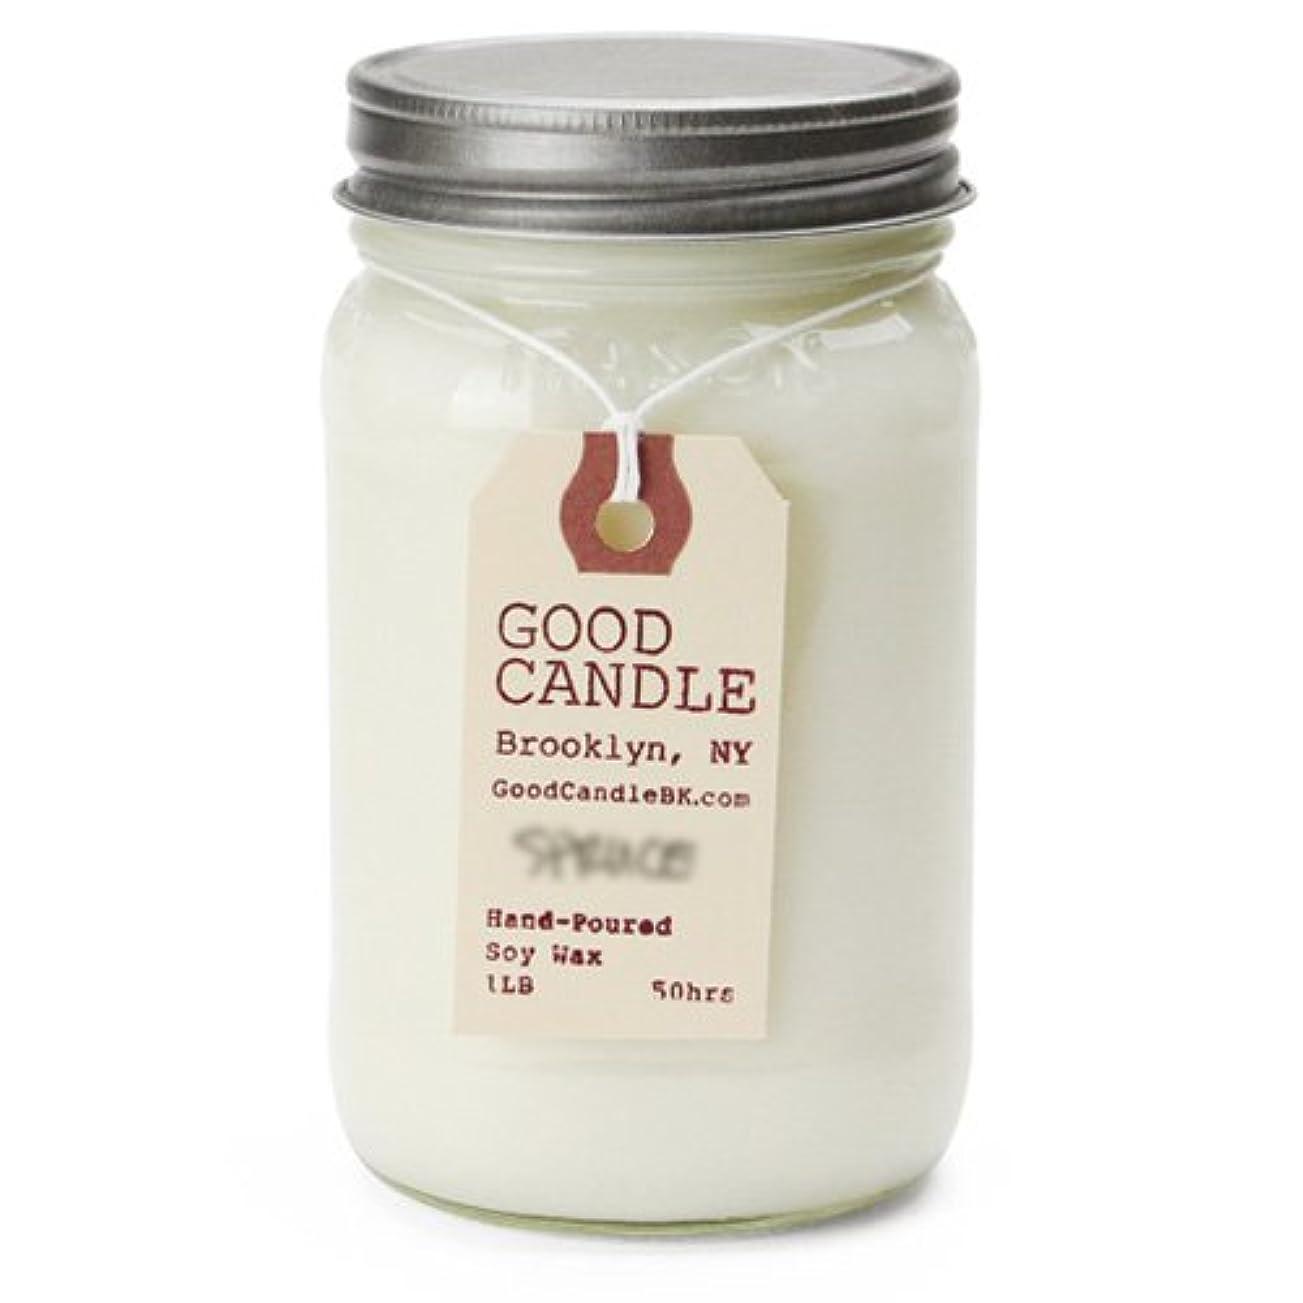 酸っぱい制裁チャートグッドキャンドル 1ポンド メイソンジャー キャンドル Good Candle 1LB Mason jar candle [ bayberry ] 正規品